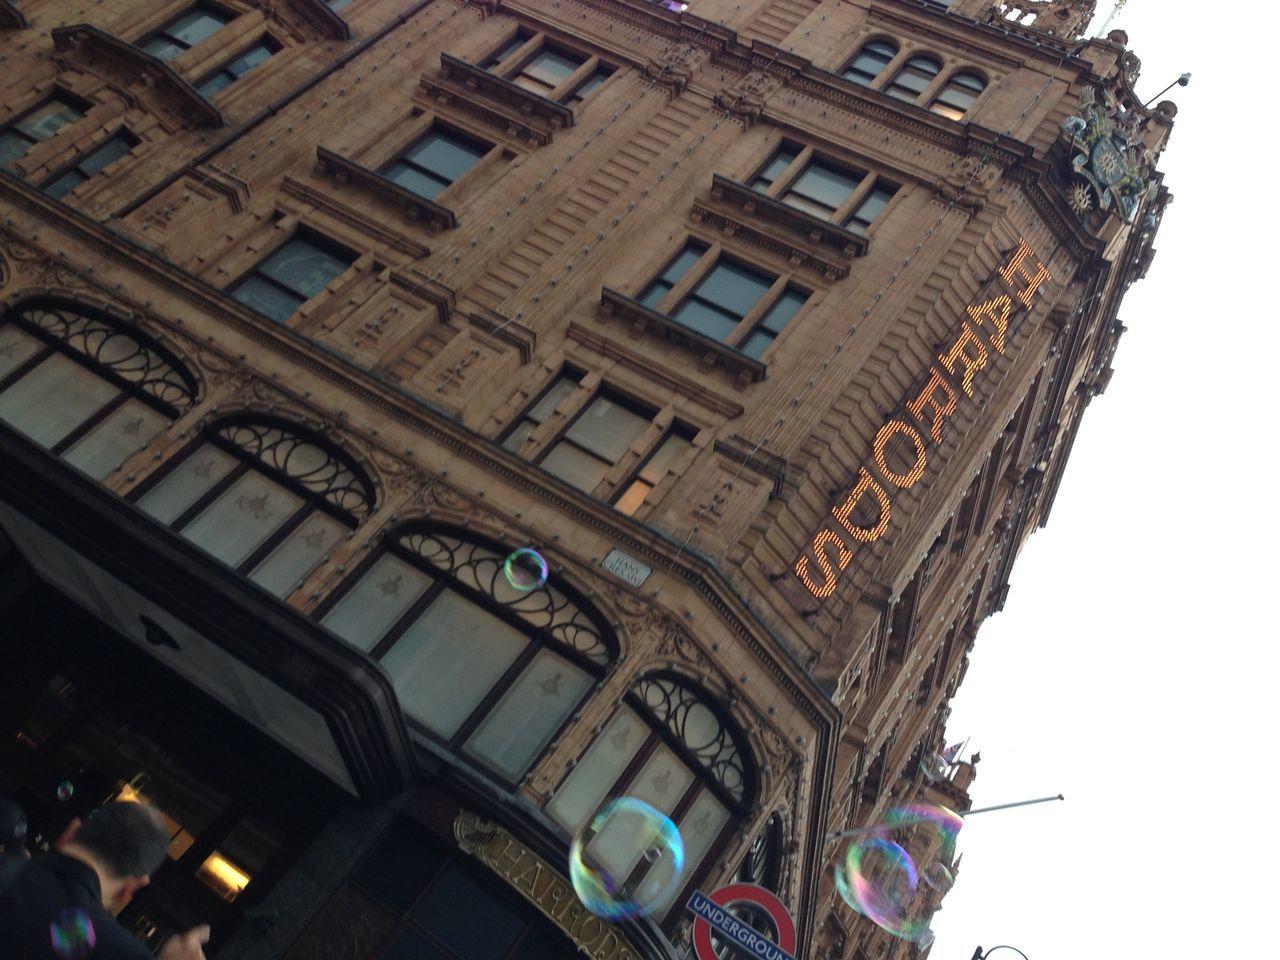 Architecture Bubbles Building Exterior Built Structure City Harrods London No People Sky